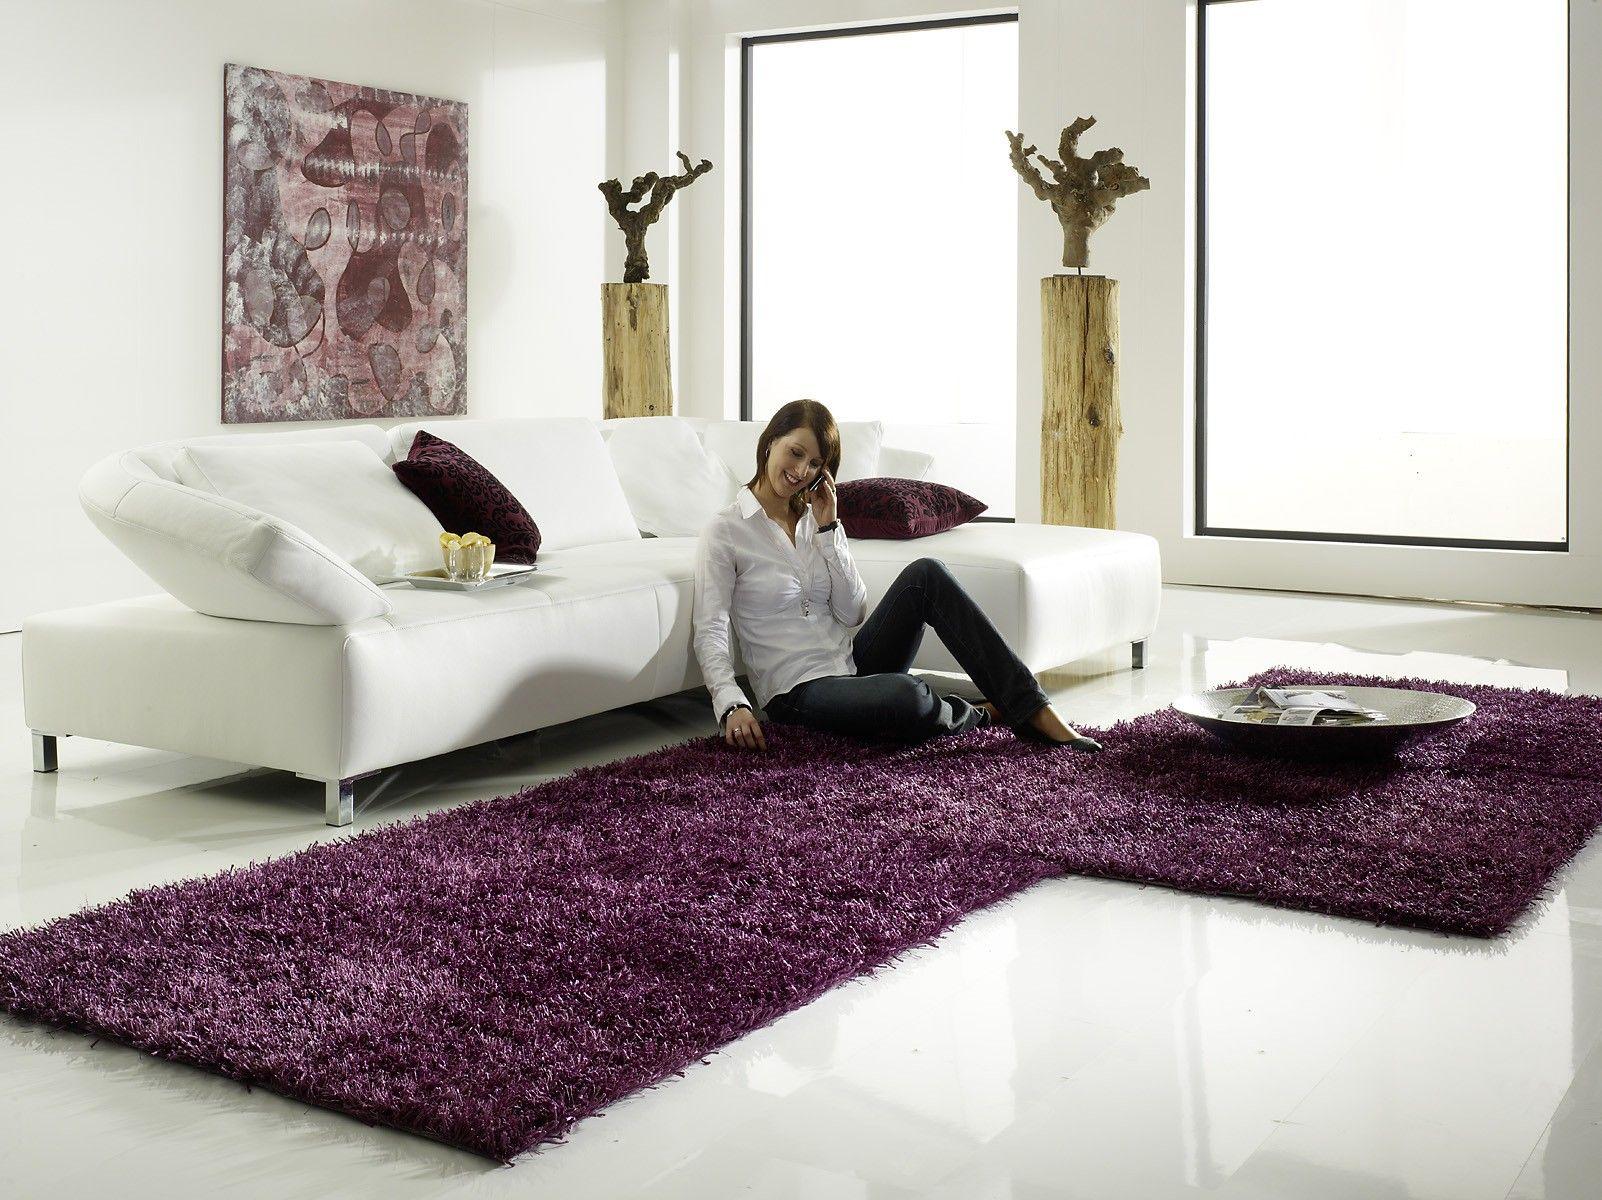 Gemütlich Relaxen Nach Der Gestaltung Teppich Al Mano Lila Teppich Warme Farben Relaxen